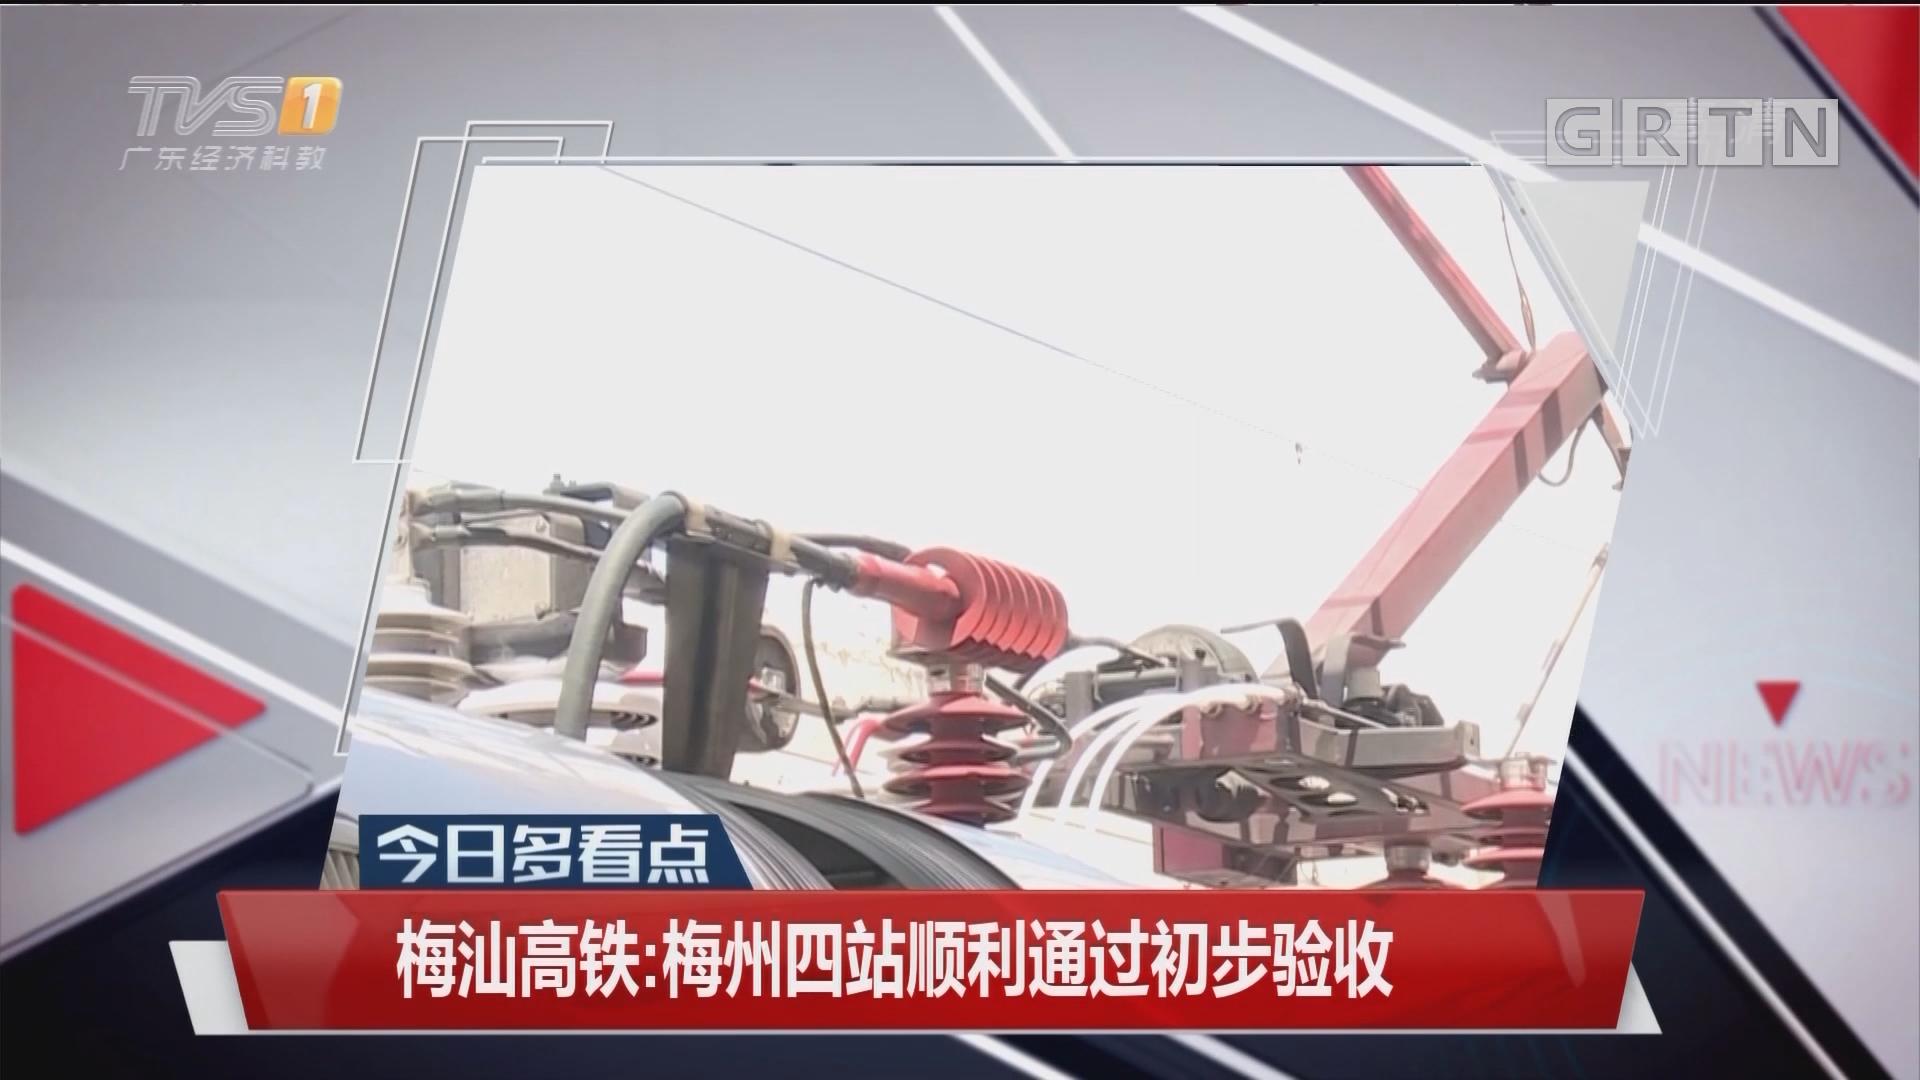 梅汕高铁:梅州四站顺利通过初步验收